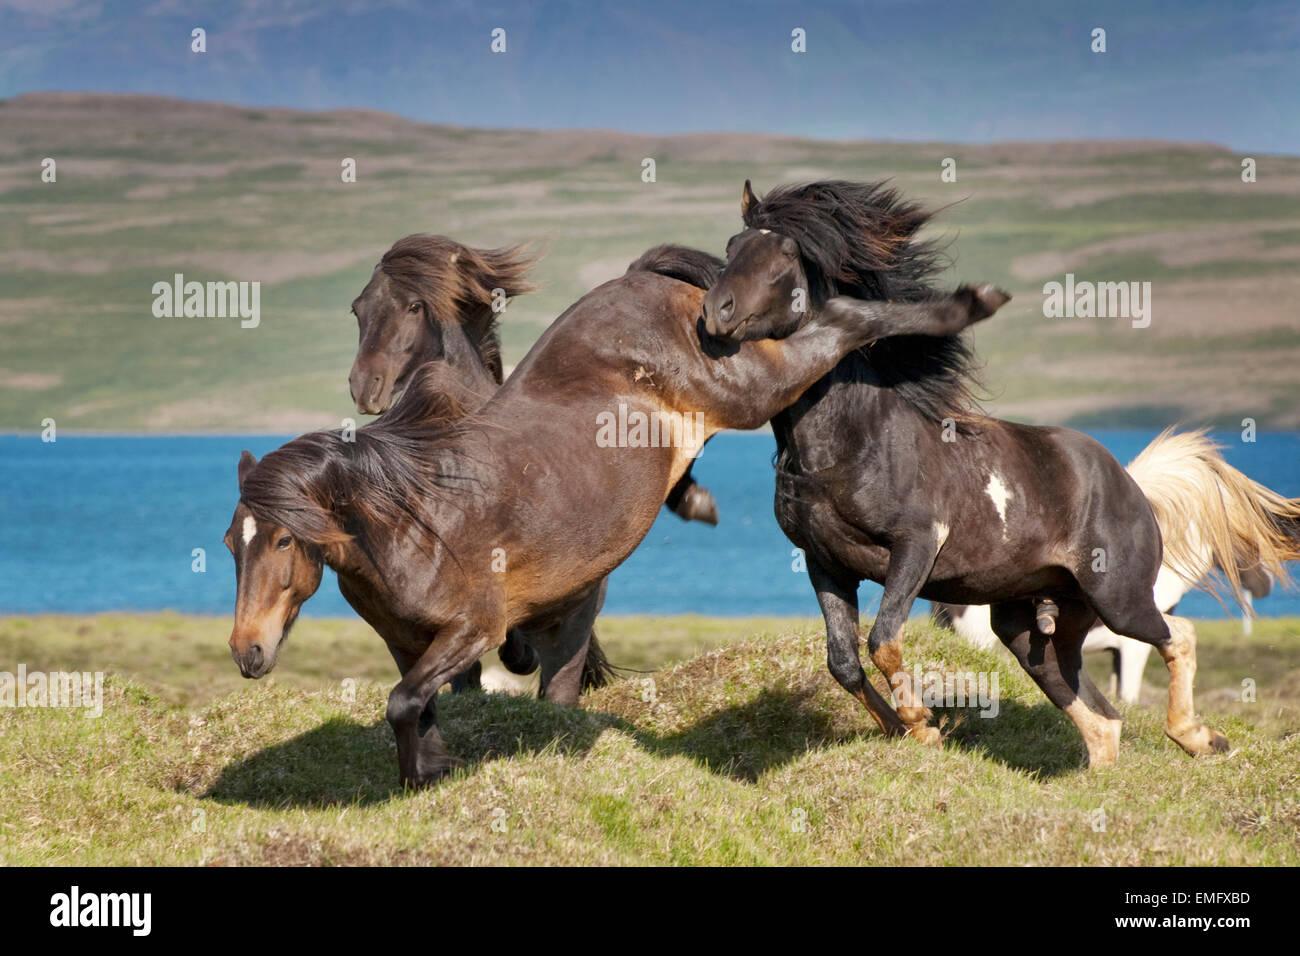 Icelandic Horse (Equus caballus) stallions fighting for dominance, Iceland. - Stock Image